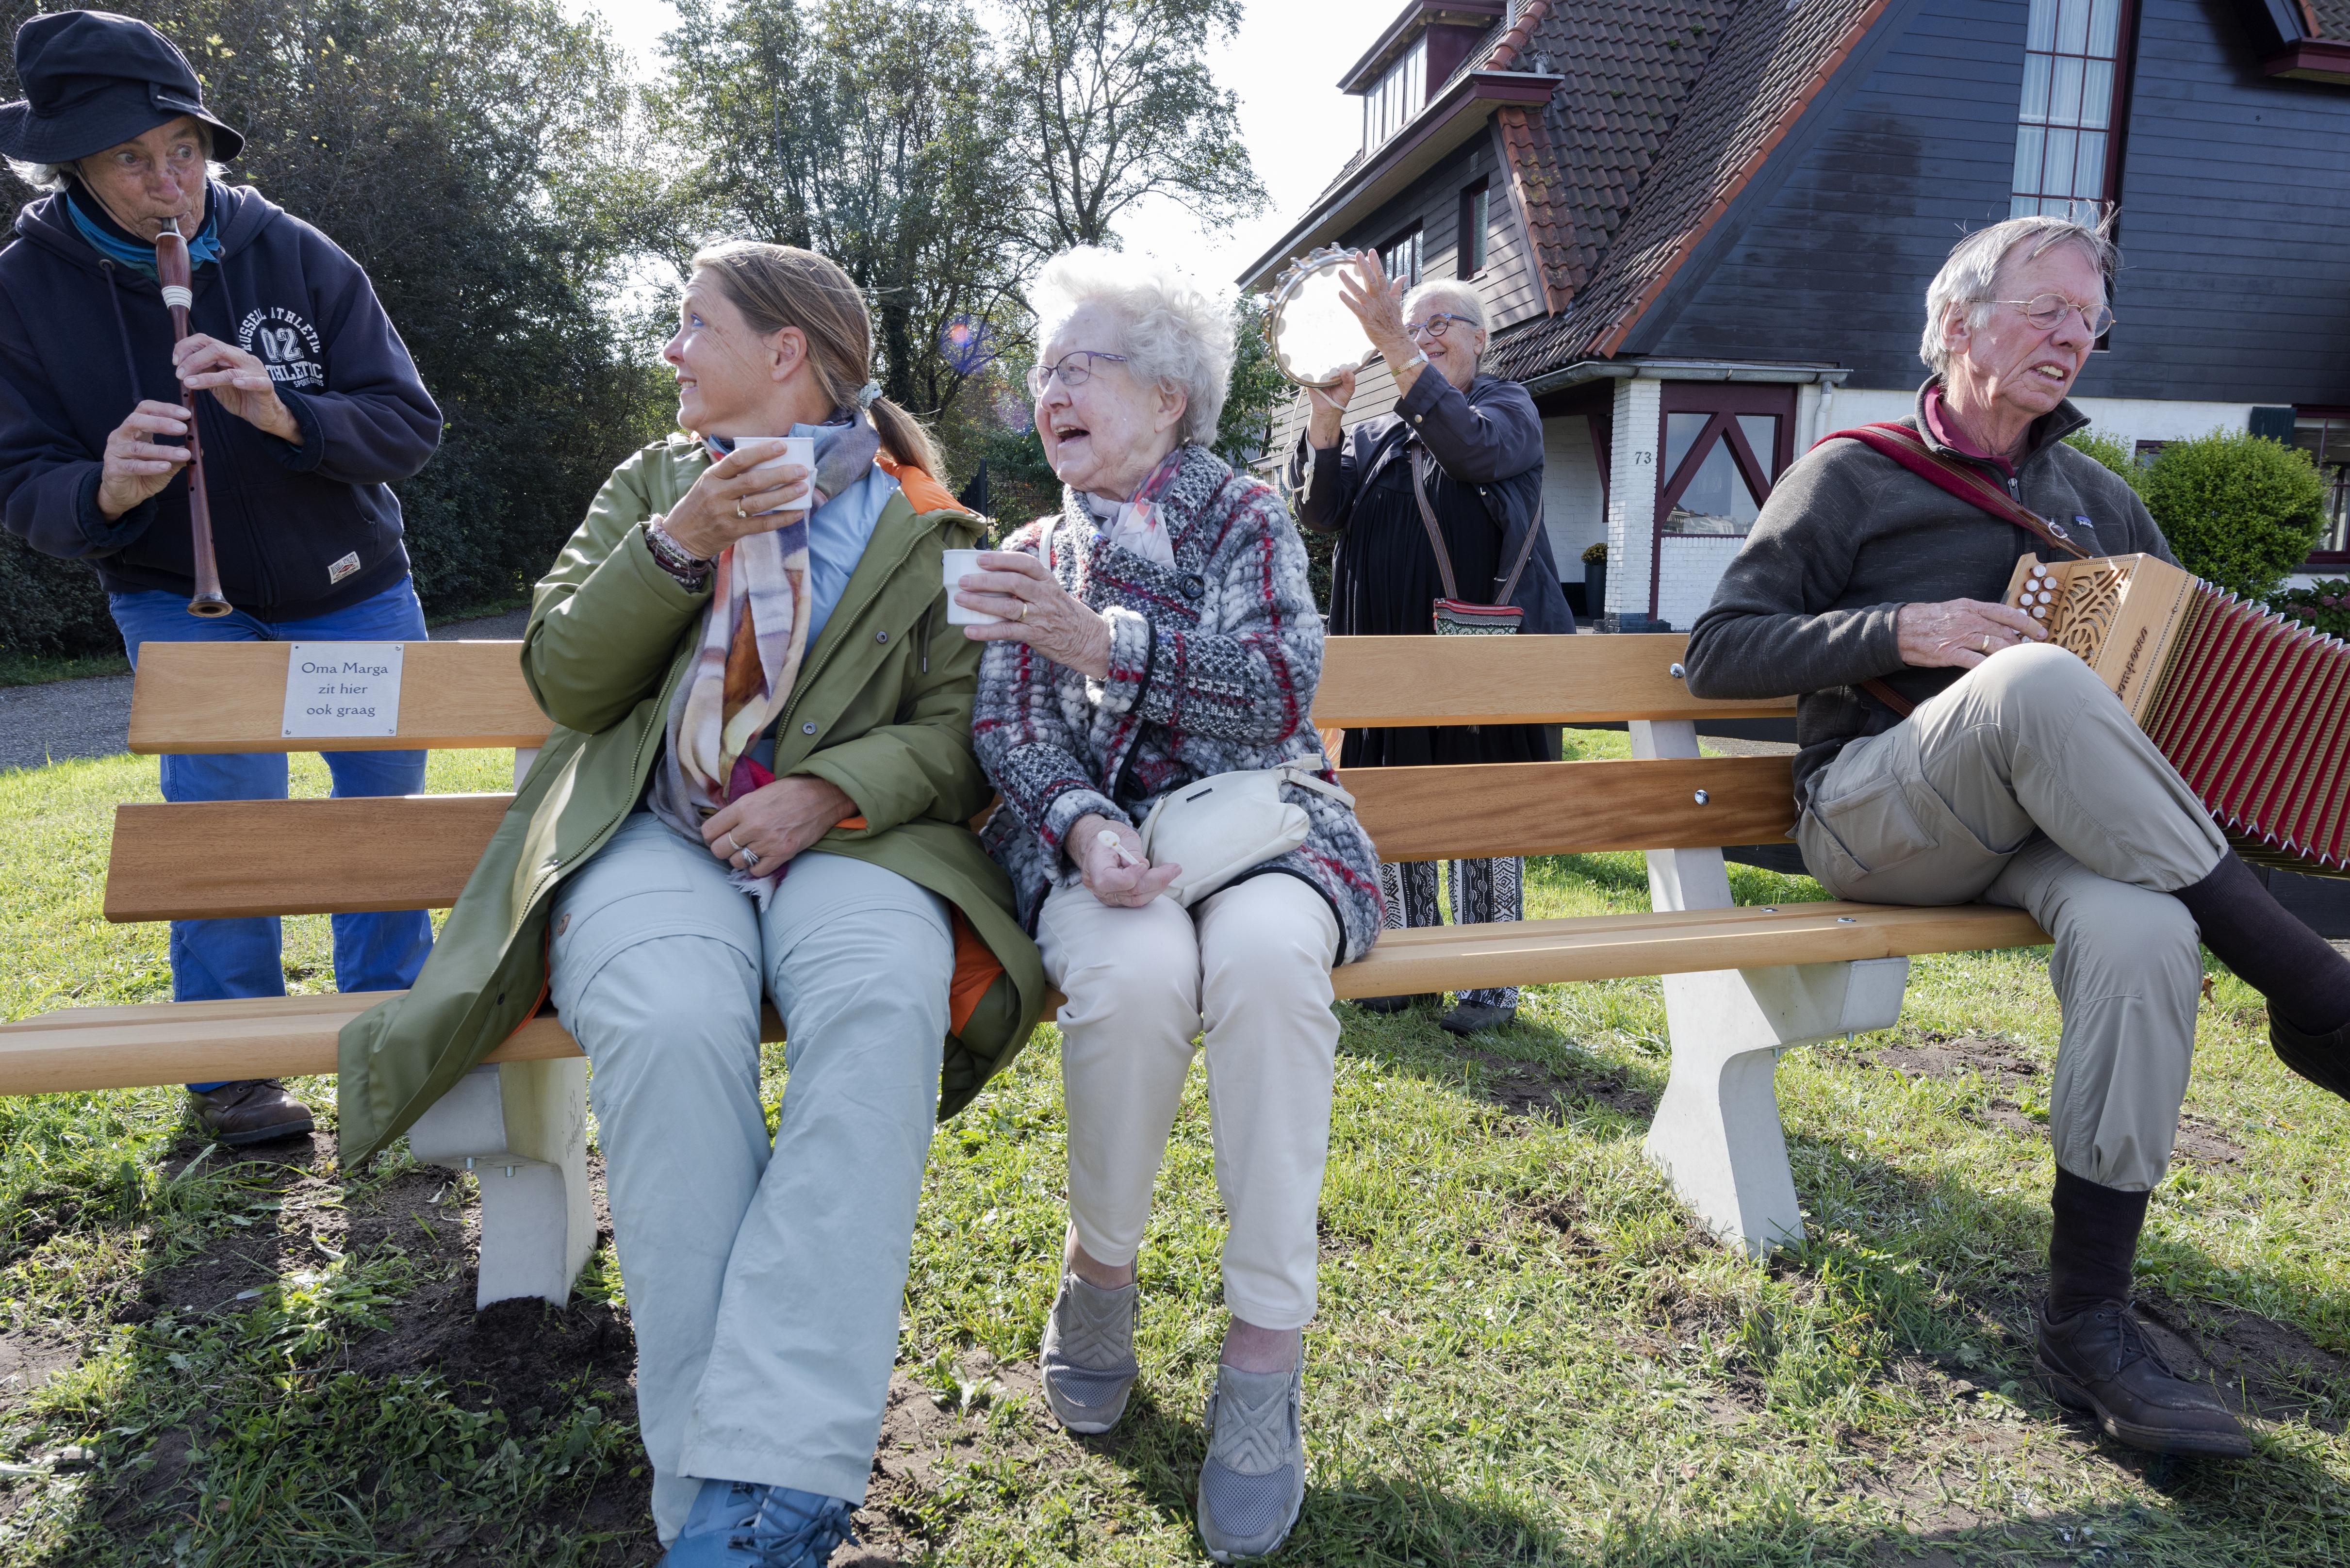 Voor het eerst op het Oma Marga-bankje: 'Oma, geweldig dat u altijd met ons naar Wijk aan Zee gaat'